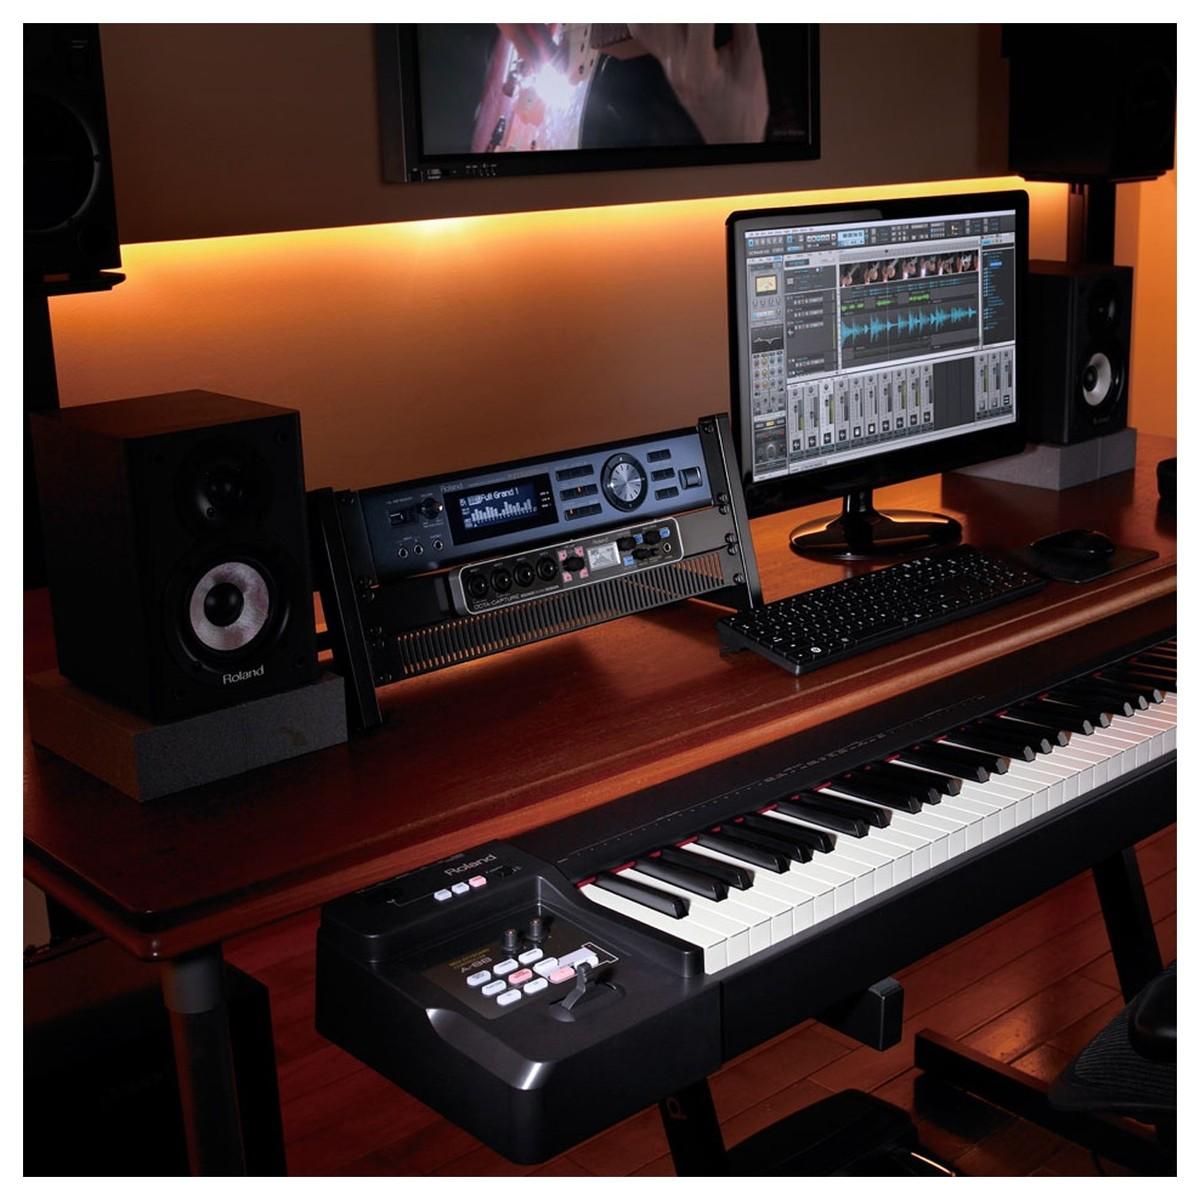 roland integra 7 supernatural sound module at. Black Bedroom Furniture Sets. Home Design Ideas